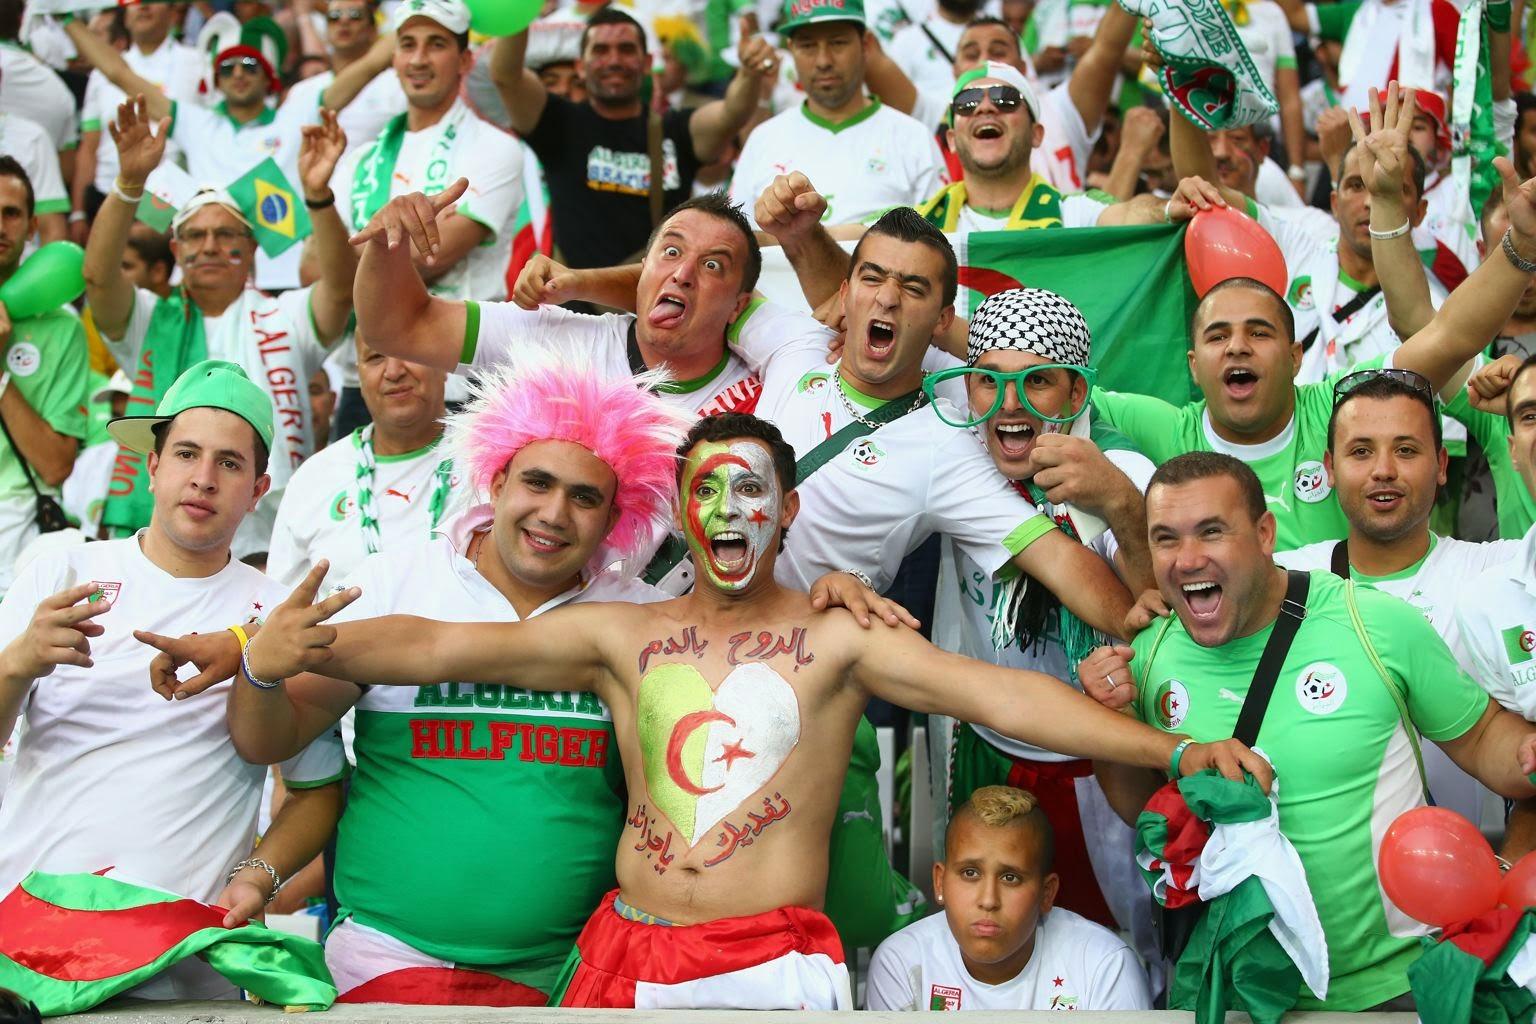 بالصور صور المنتخب الوطني الجزائري , اجمل شعارات المنتخب الوطنى الجزائري 2914 8